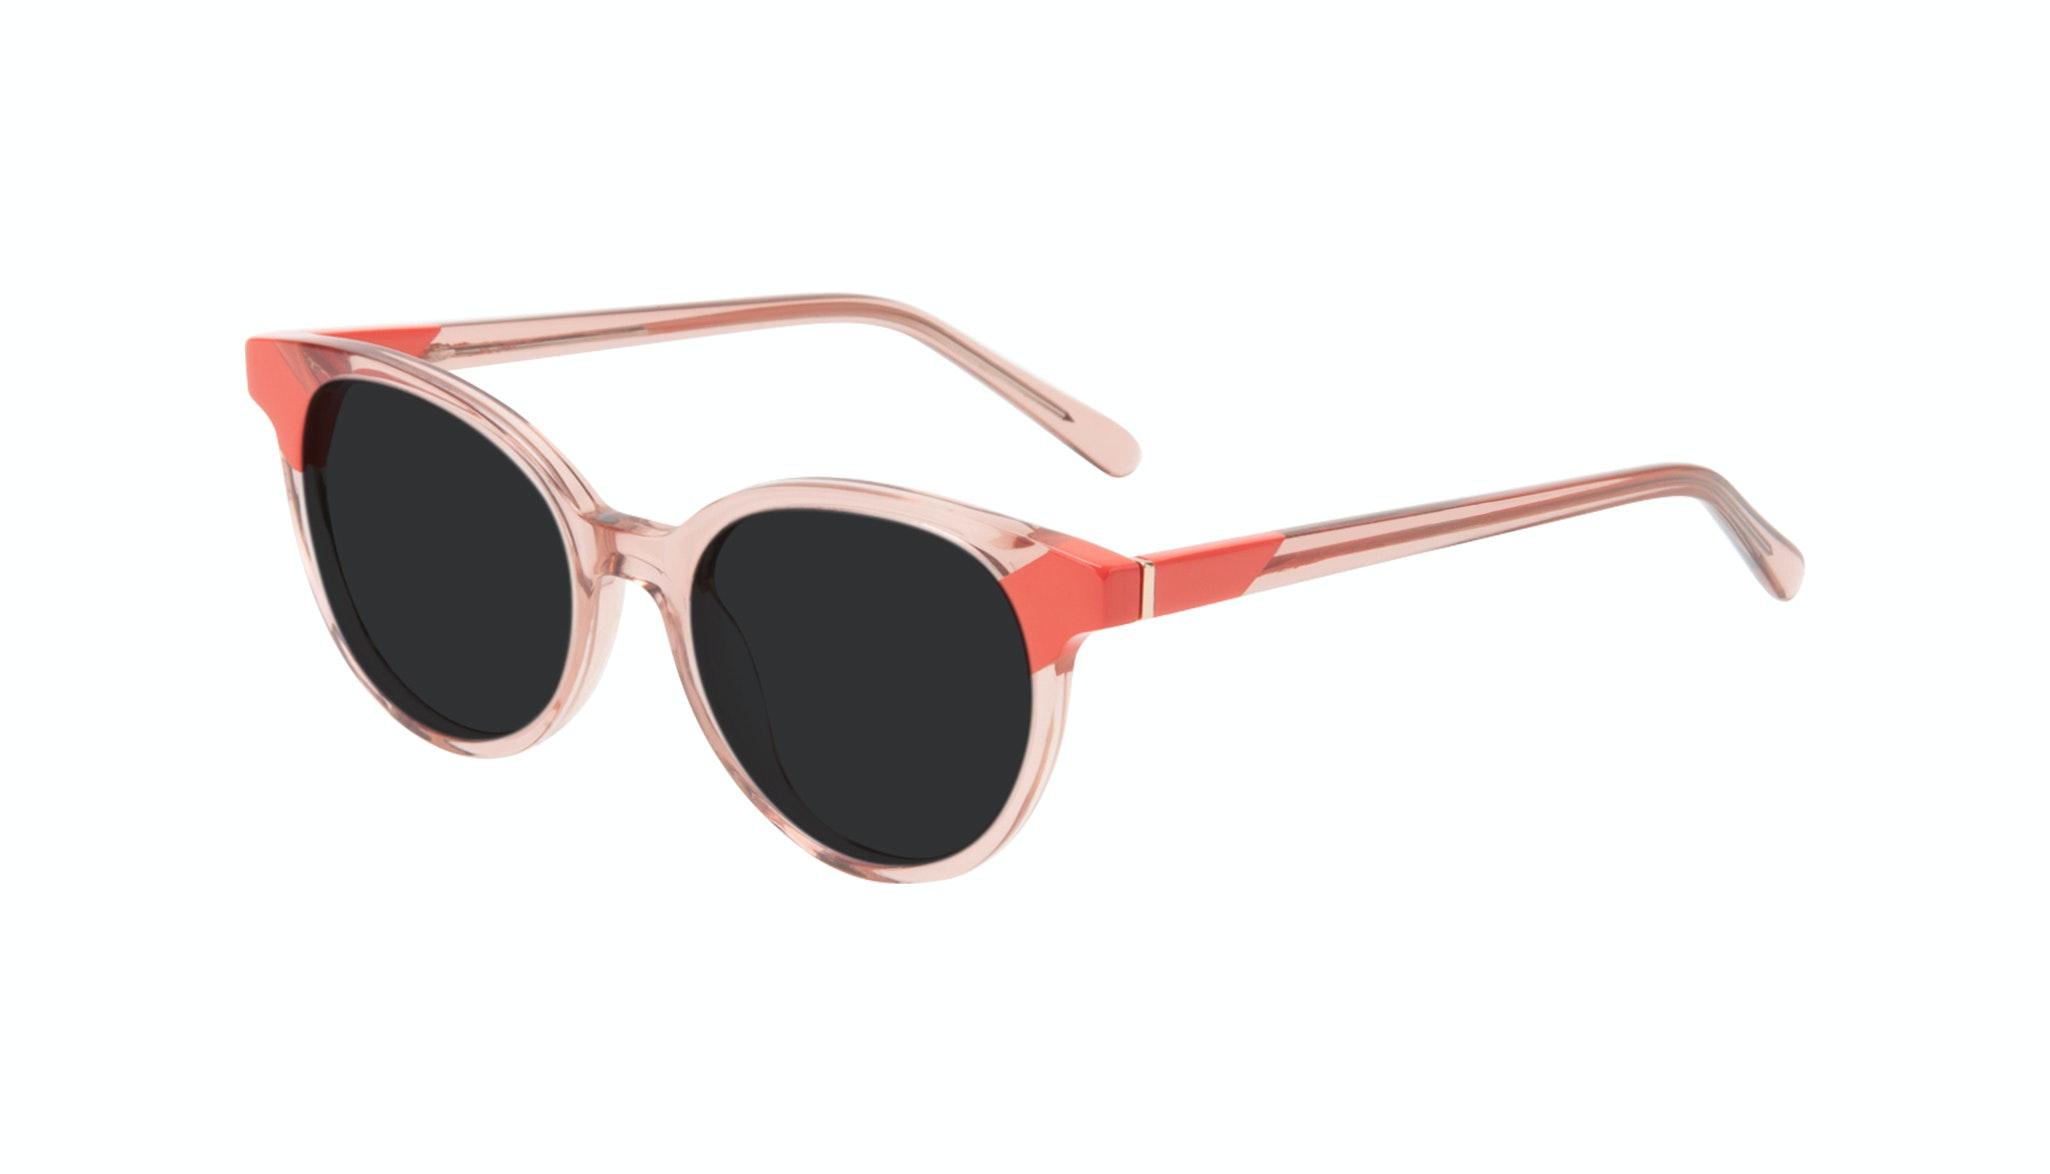 Lunettes tendance Ronde Lunettes de soleil Femmes Bright Pink Coral Incliné